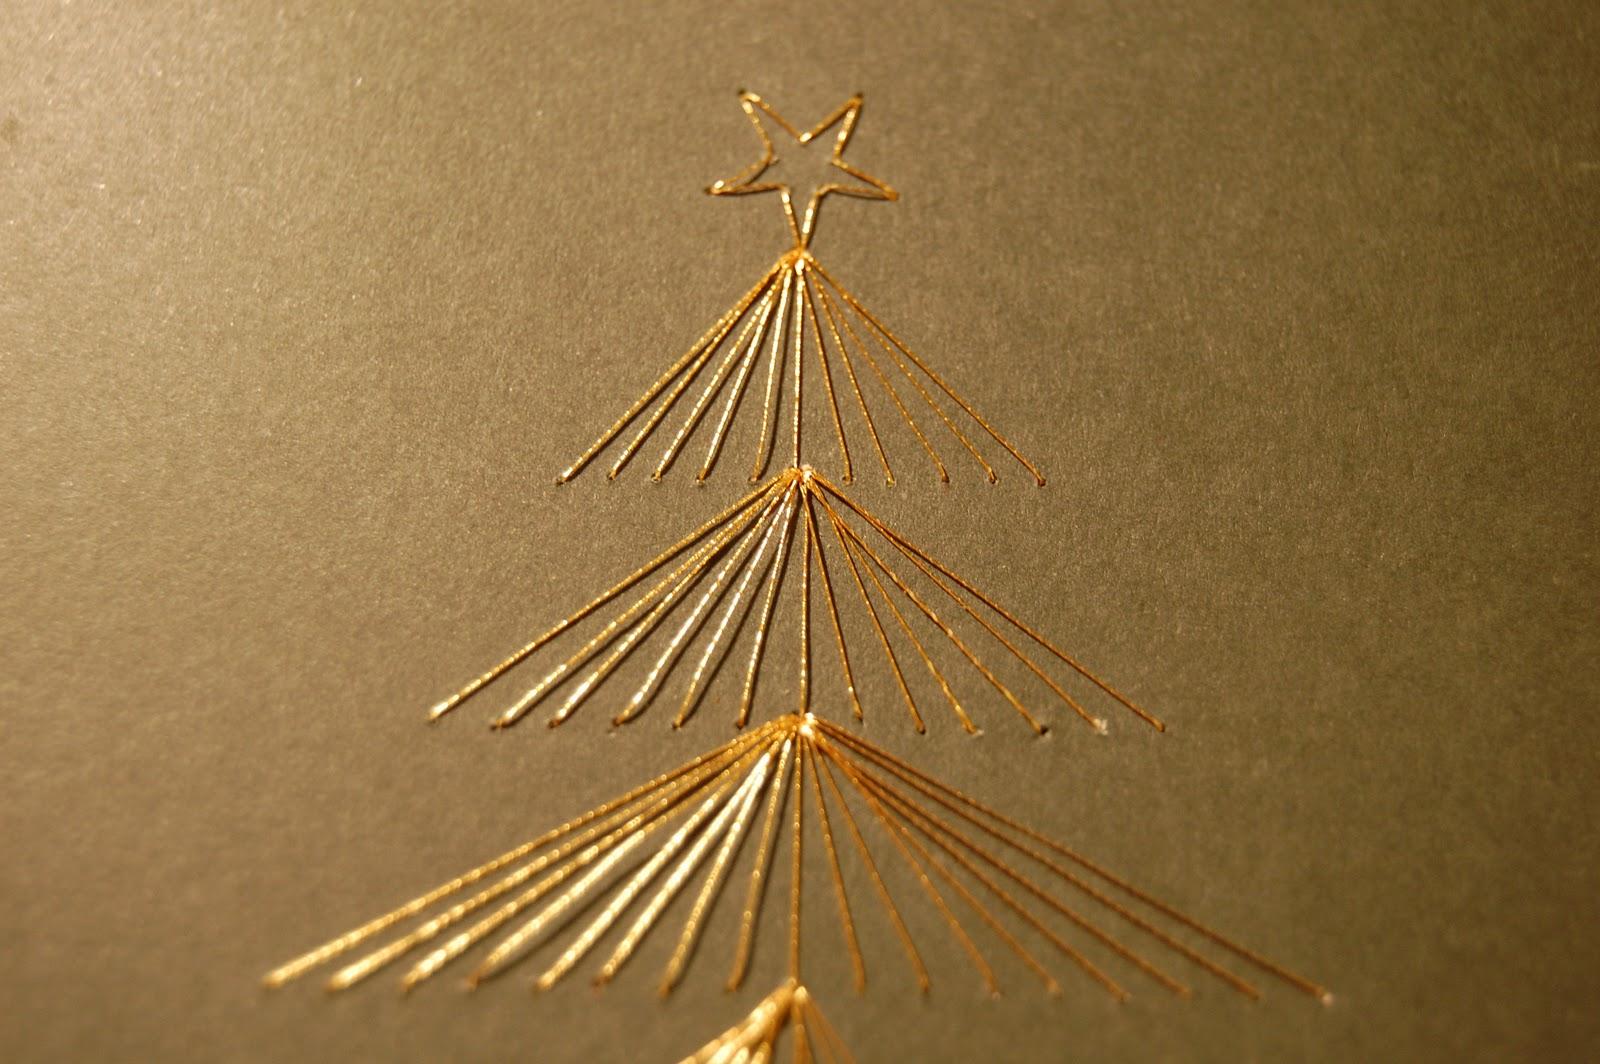 pin 54 weihnachten hintergrundbilder gratis downloaden. Black Bedroom Furniture Sets. Home Design Ideas